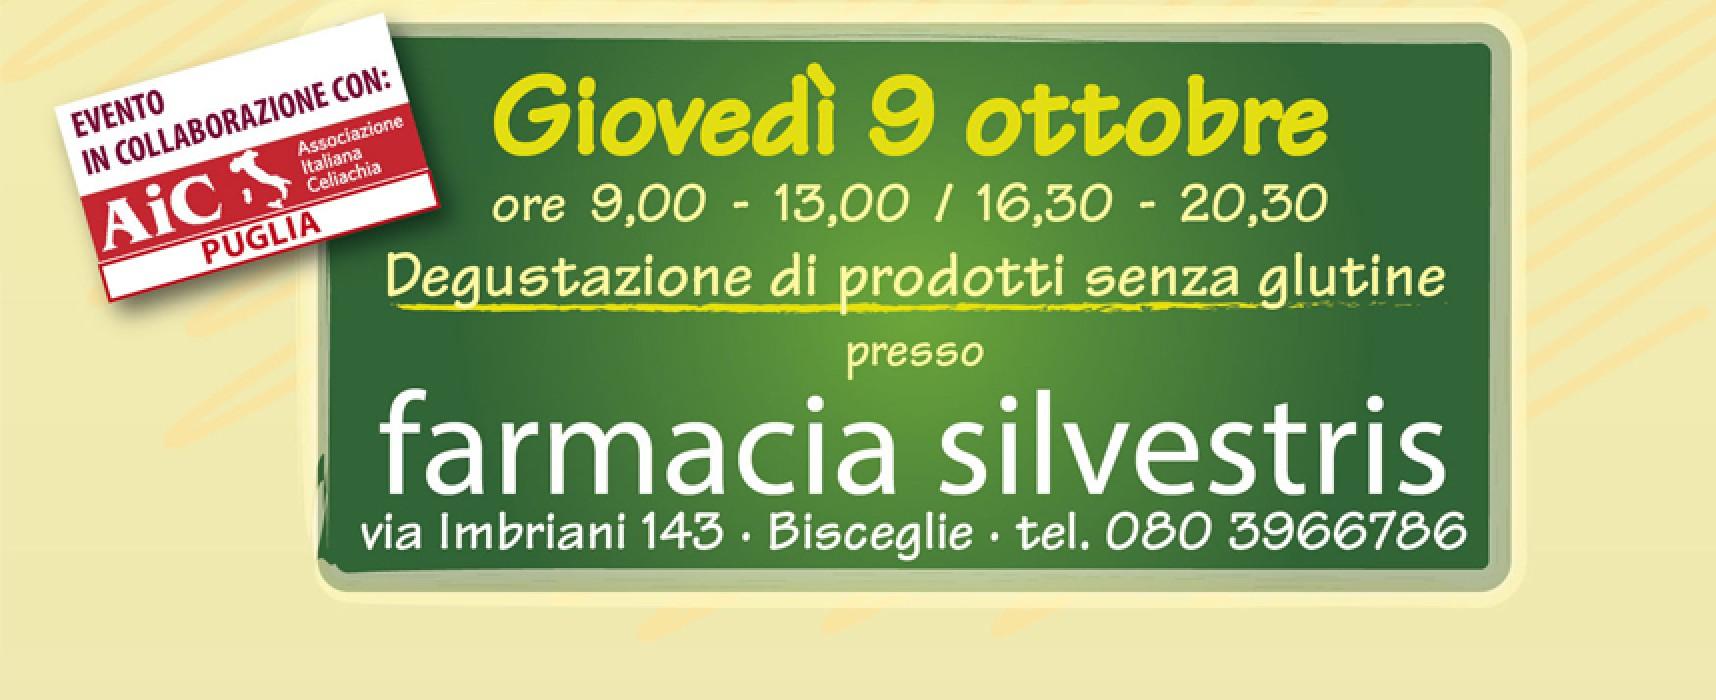 Il 9 ottobre Farmacia Silvestris propone la prima giornata dedicata ai prodotti senza glutine